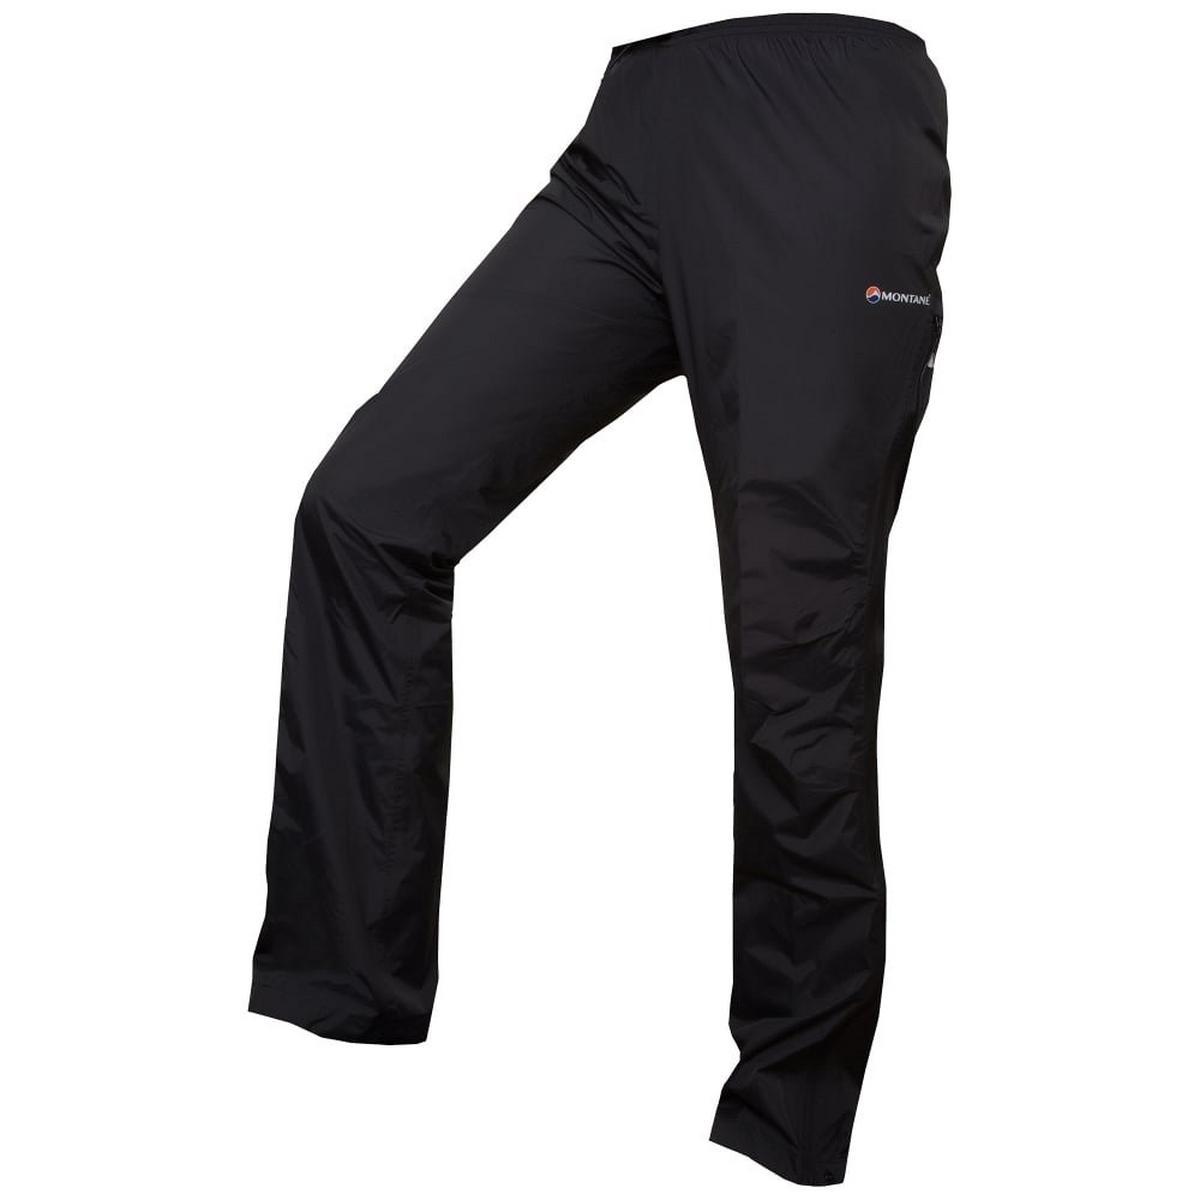 Montane Women's Atomic Pants - Black